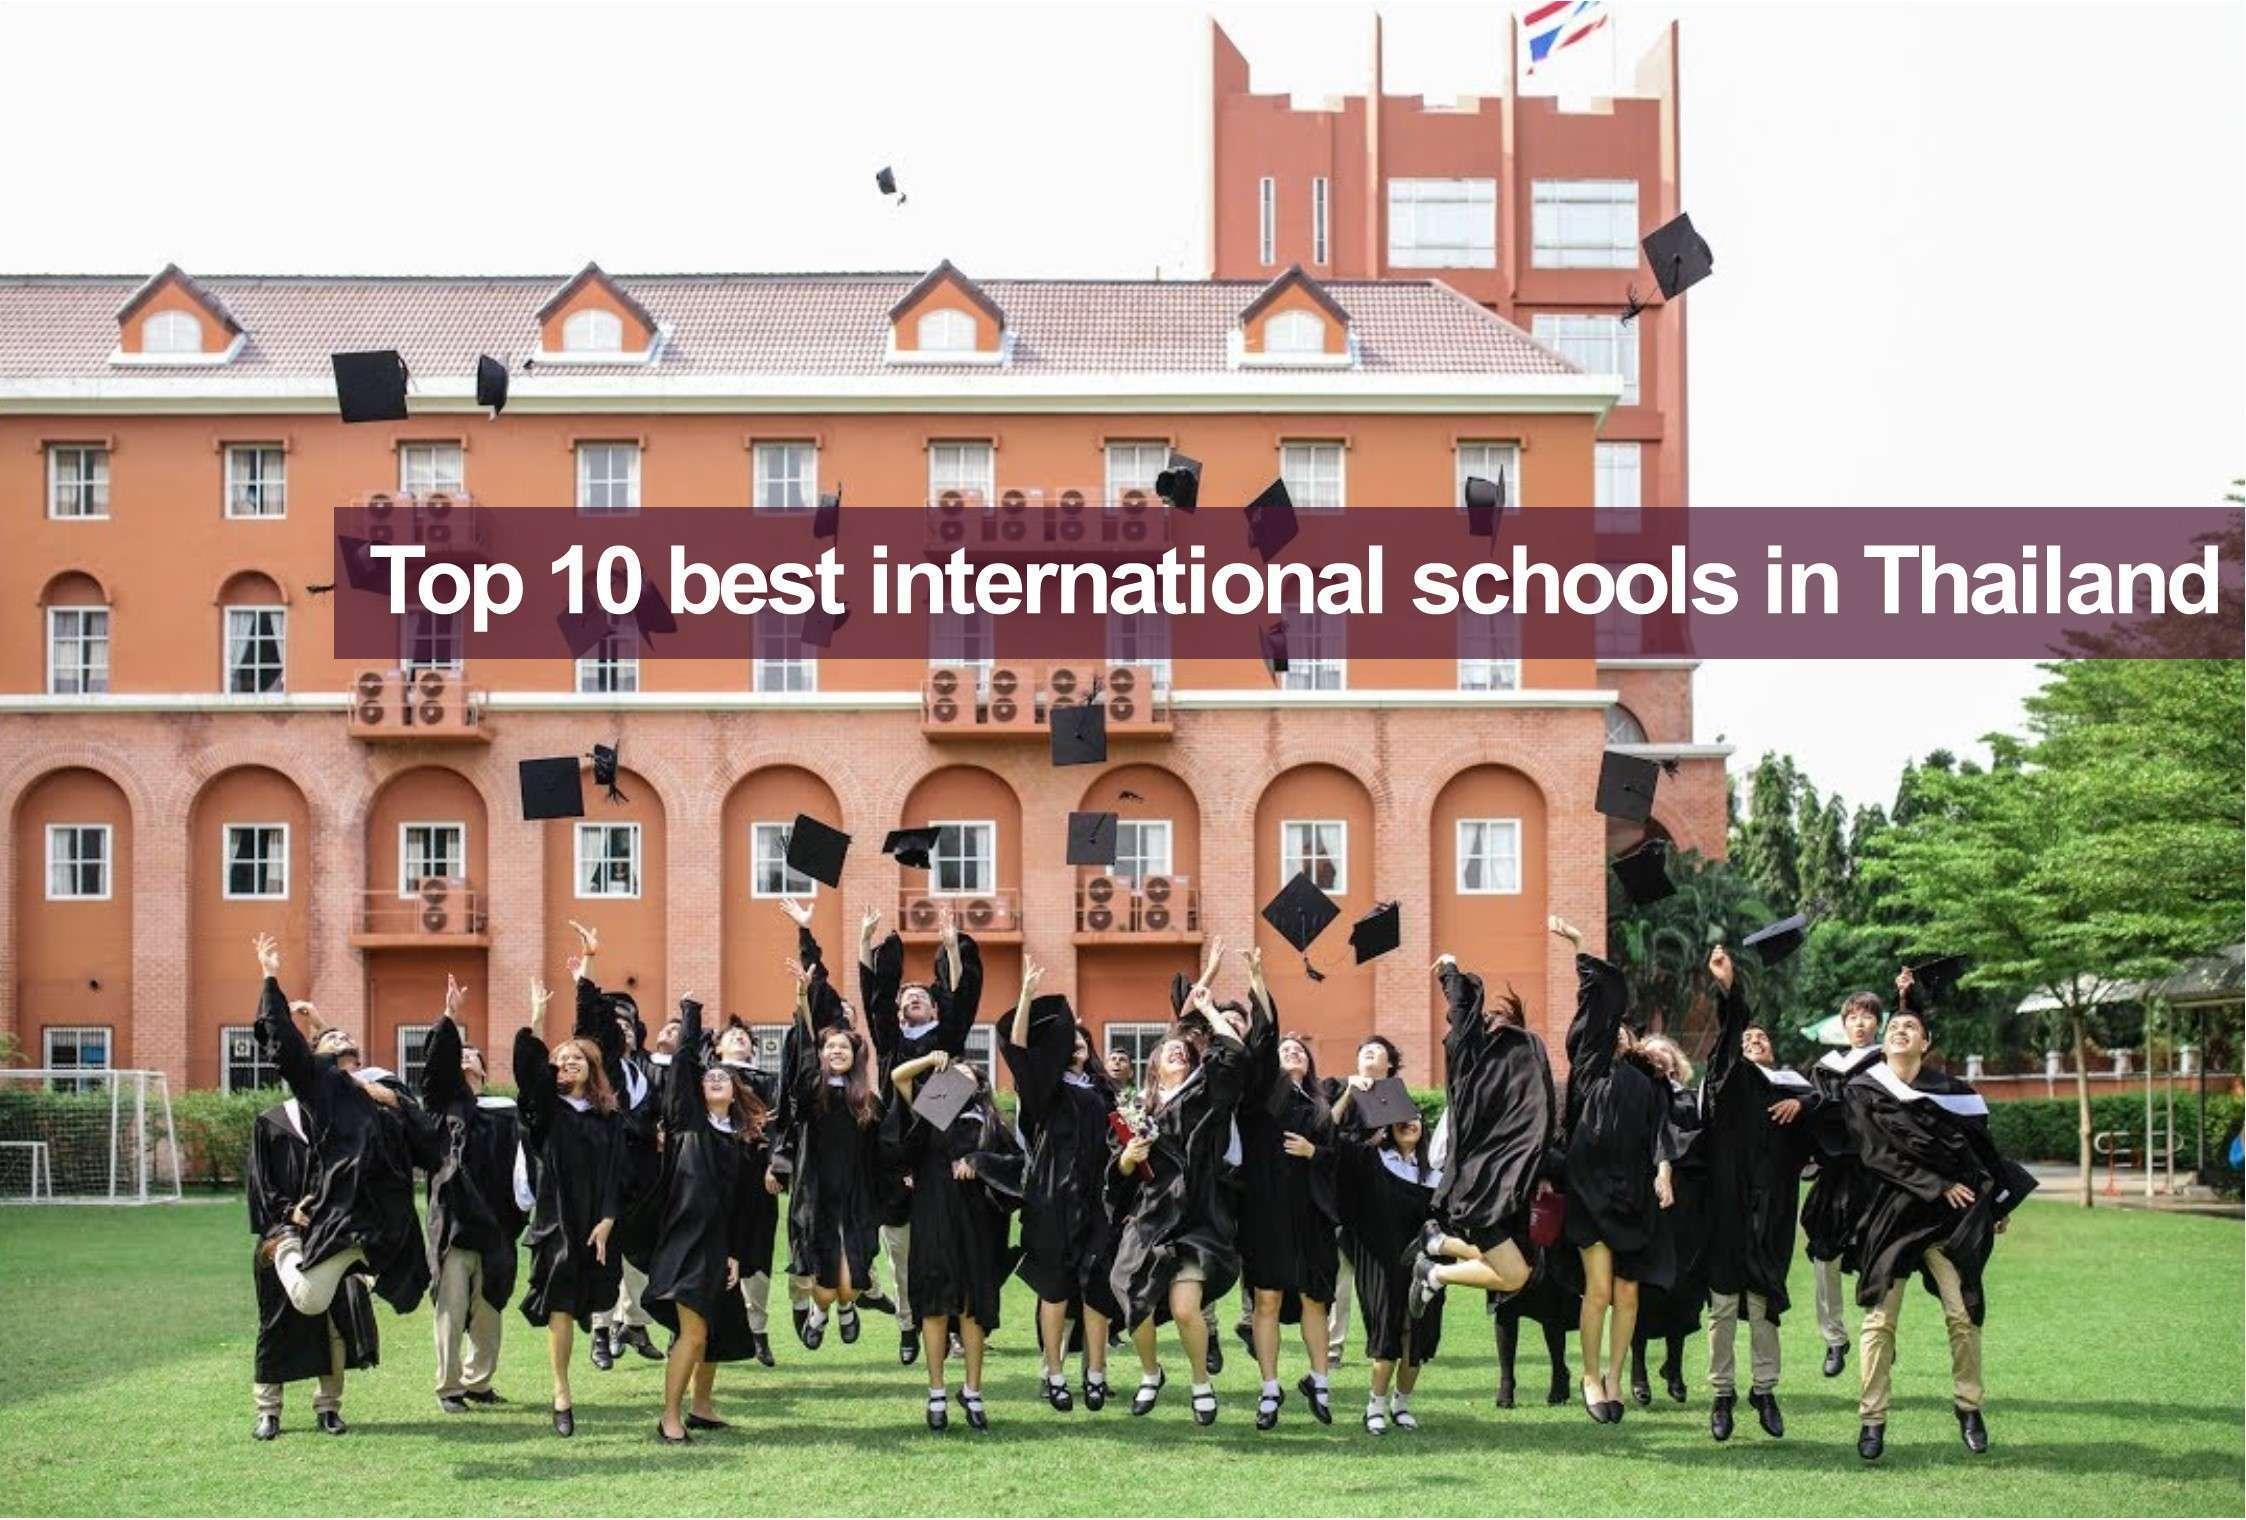 10 อันดับโรงเรียนนานาชาติที่ดีที่สุดในประเทศไทย